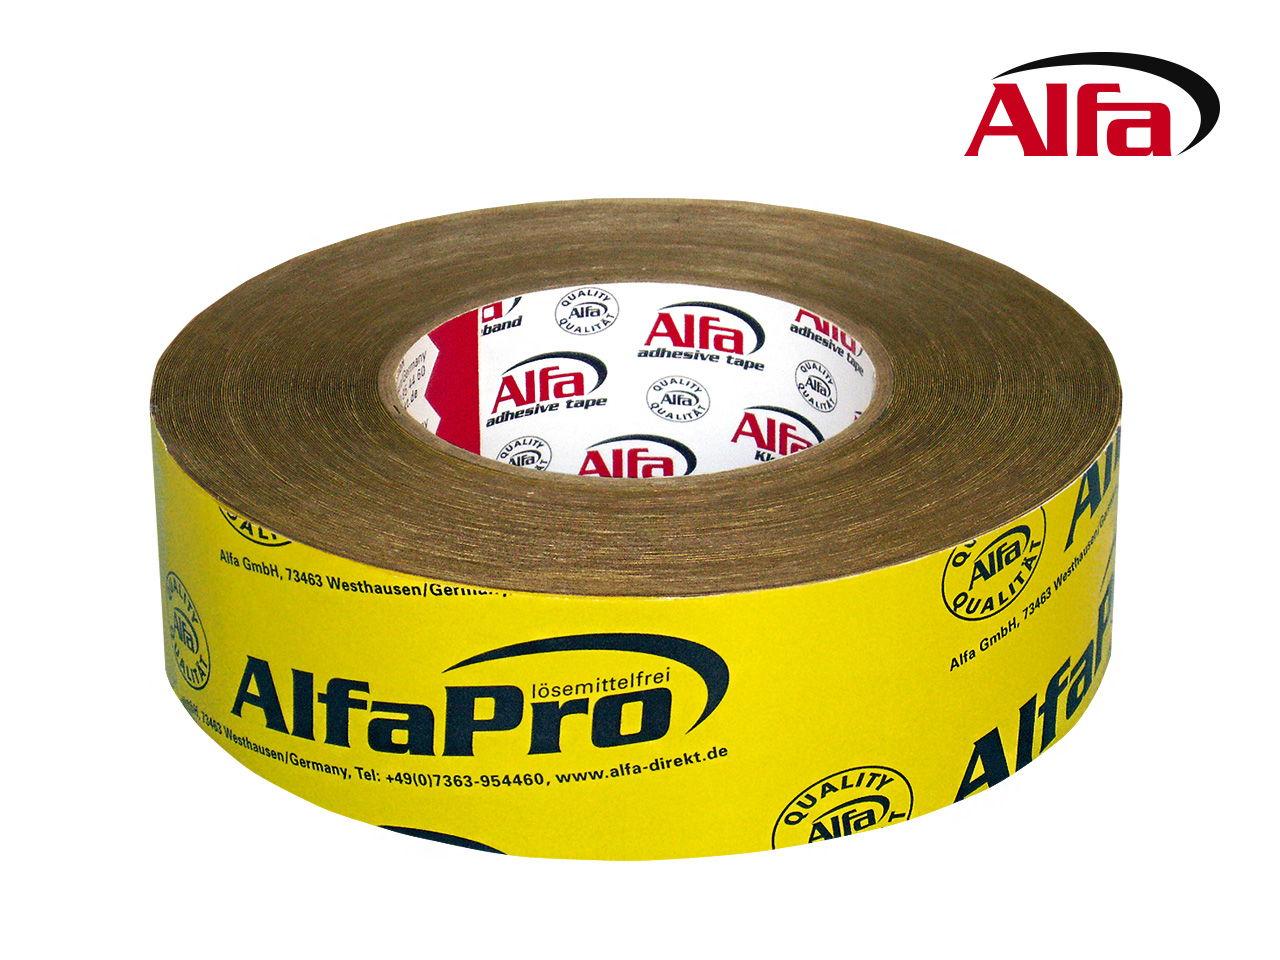 161 Alfa Pro Spezialpapierklebeband